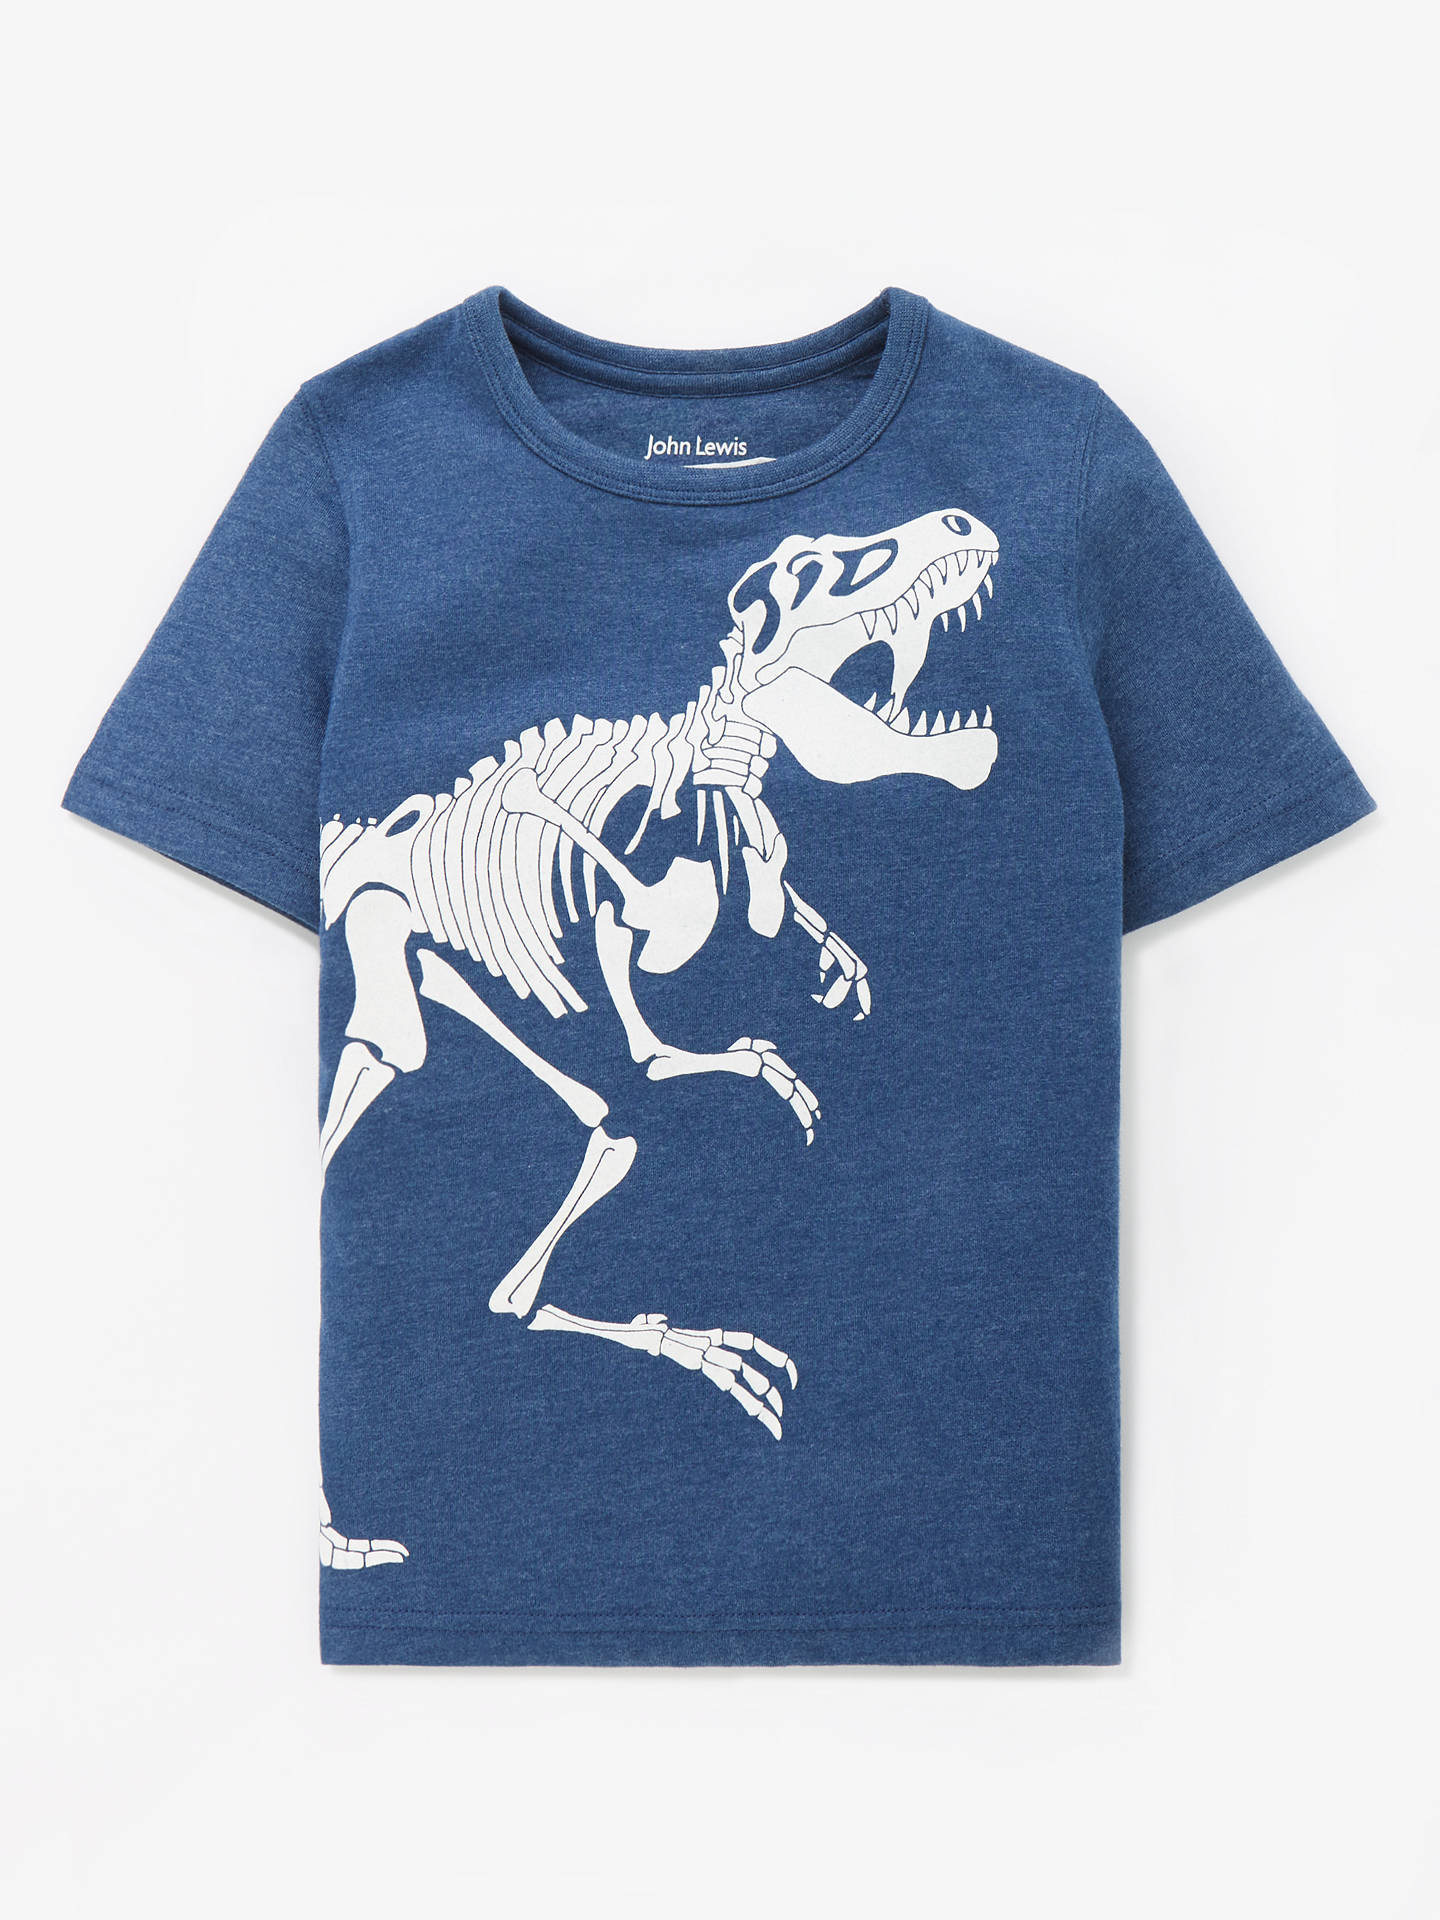 21901473 ... Buy John Lewis & Partners Boys' Glow In The Dark T-Rex Skeleton T ...